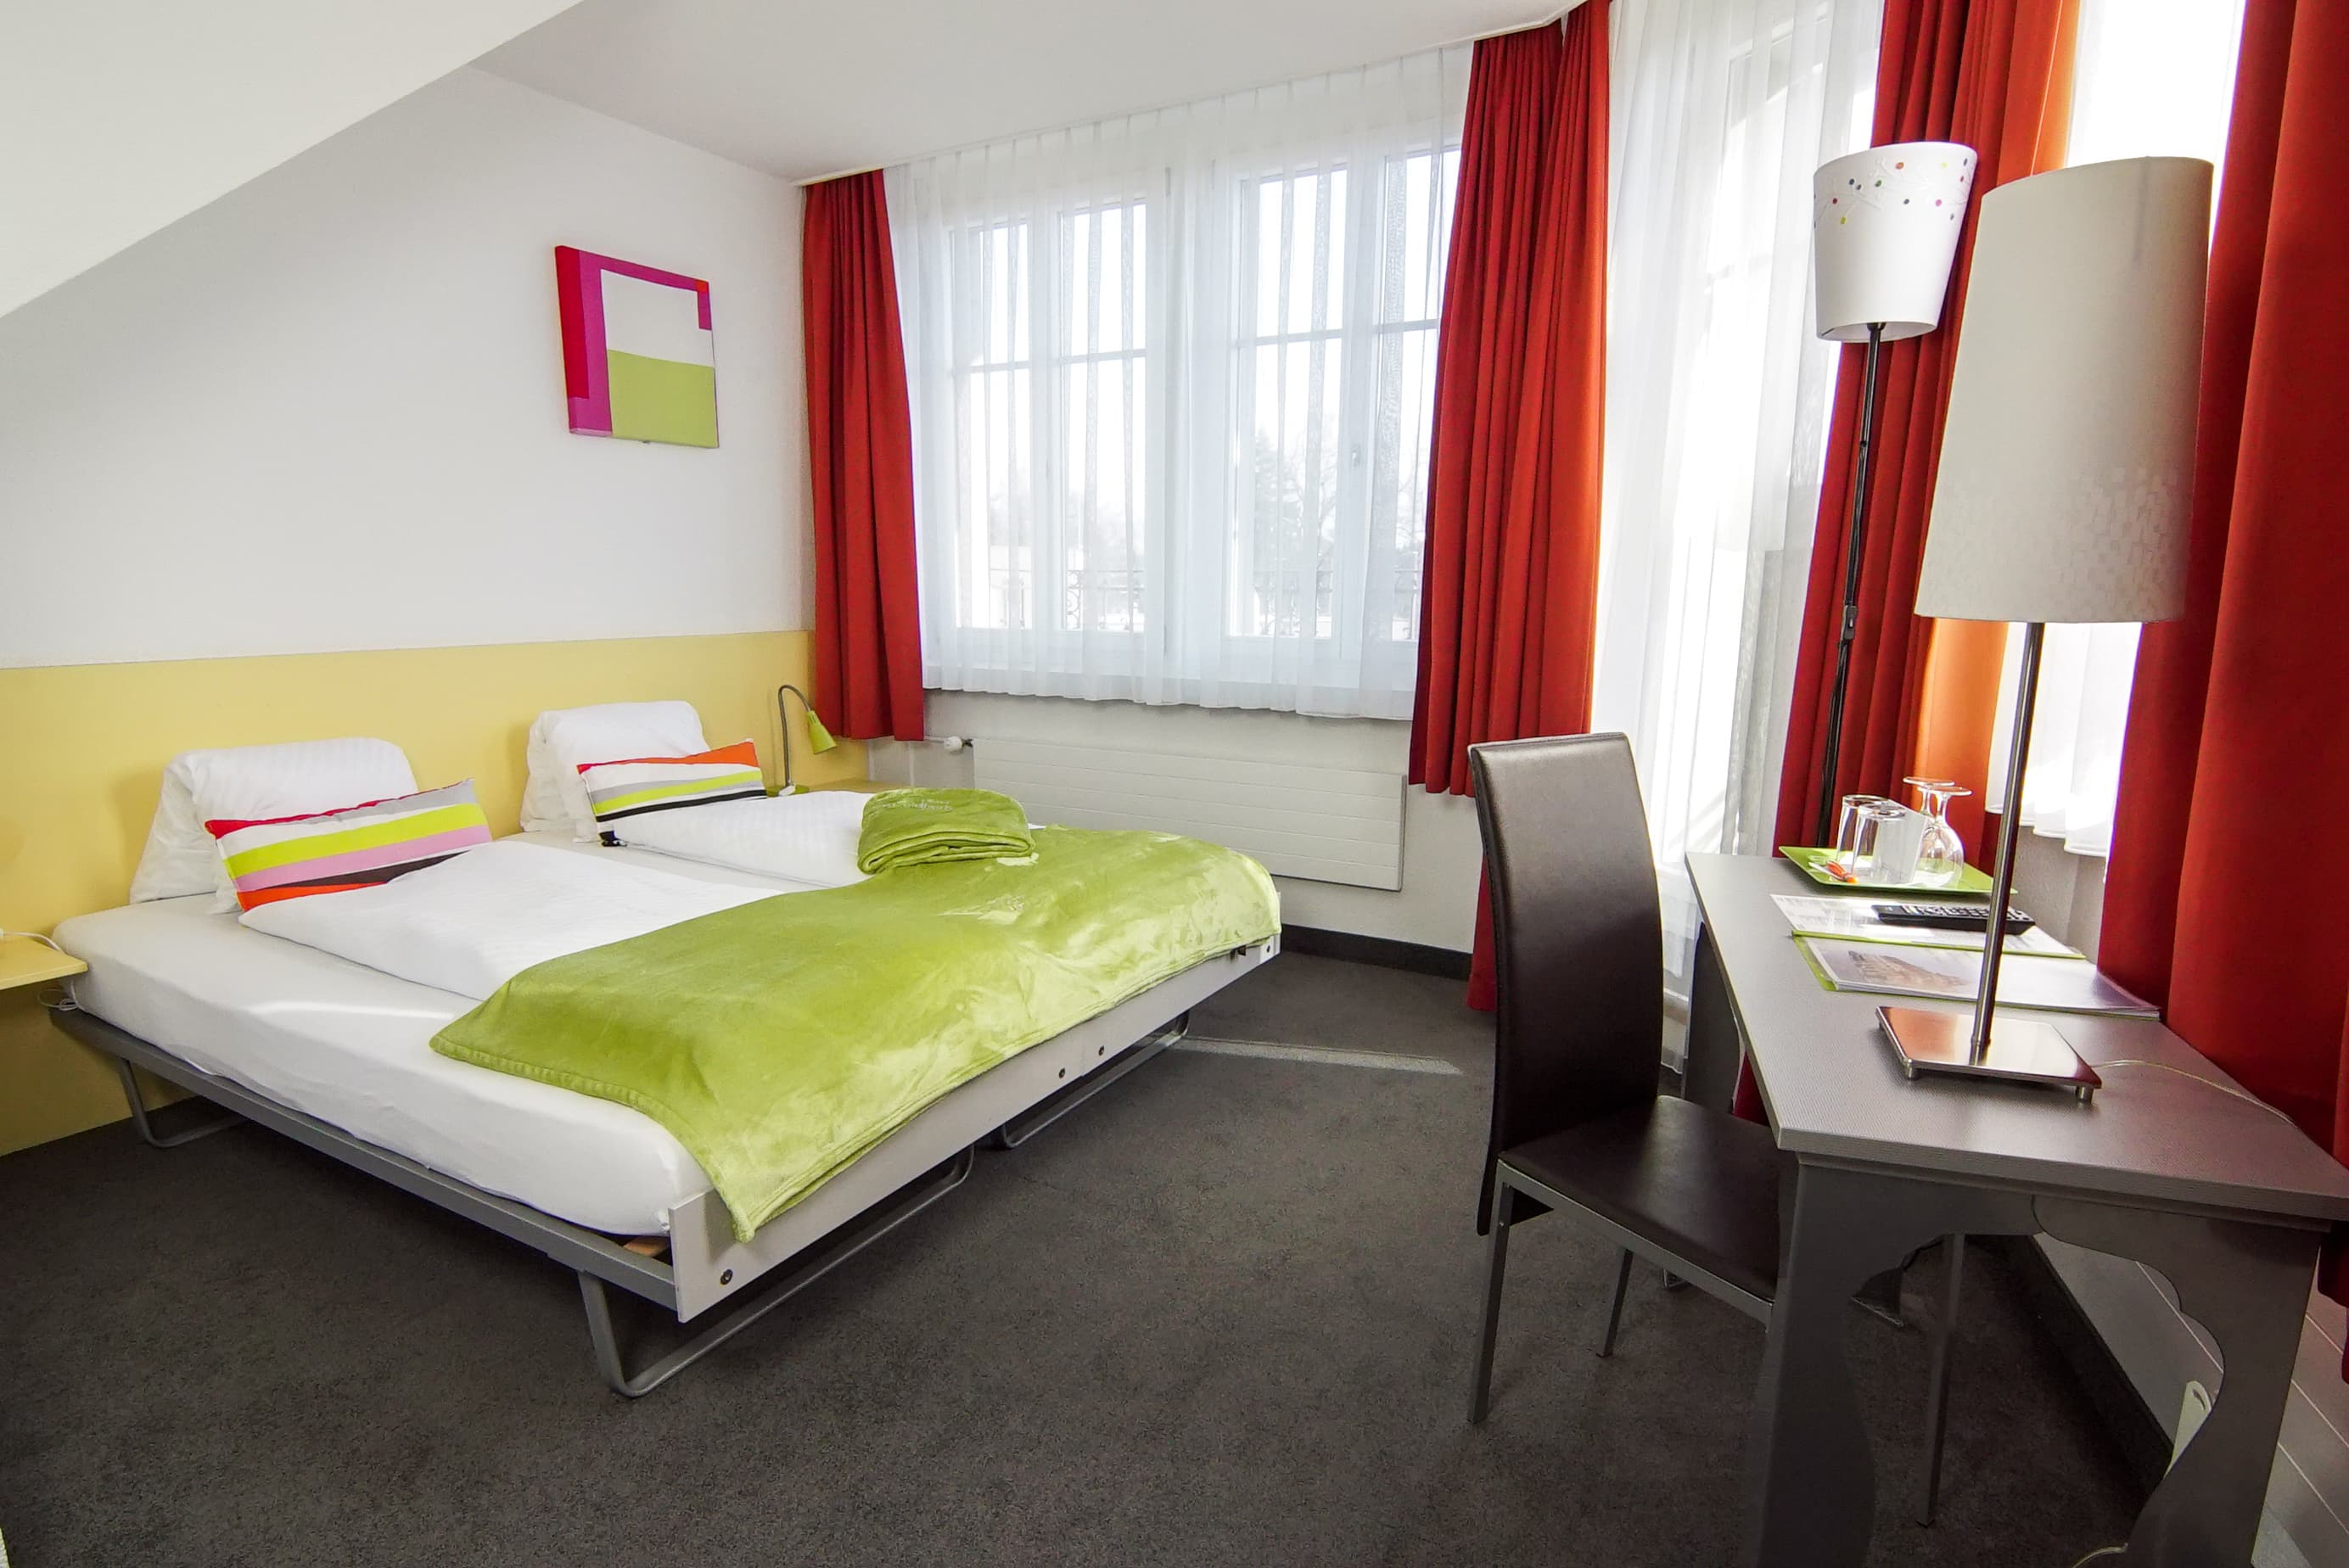 chambre double lits jumeaux basique. Black Bedroom Furniture Sets. Home Design Ideas